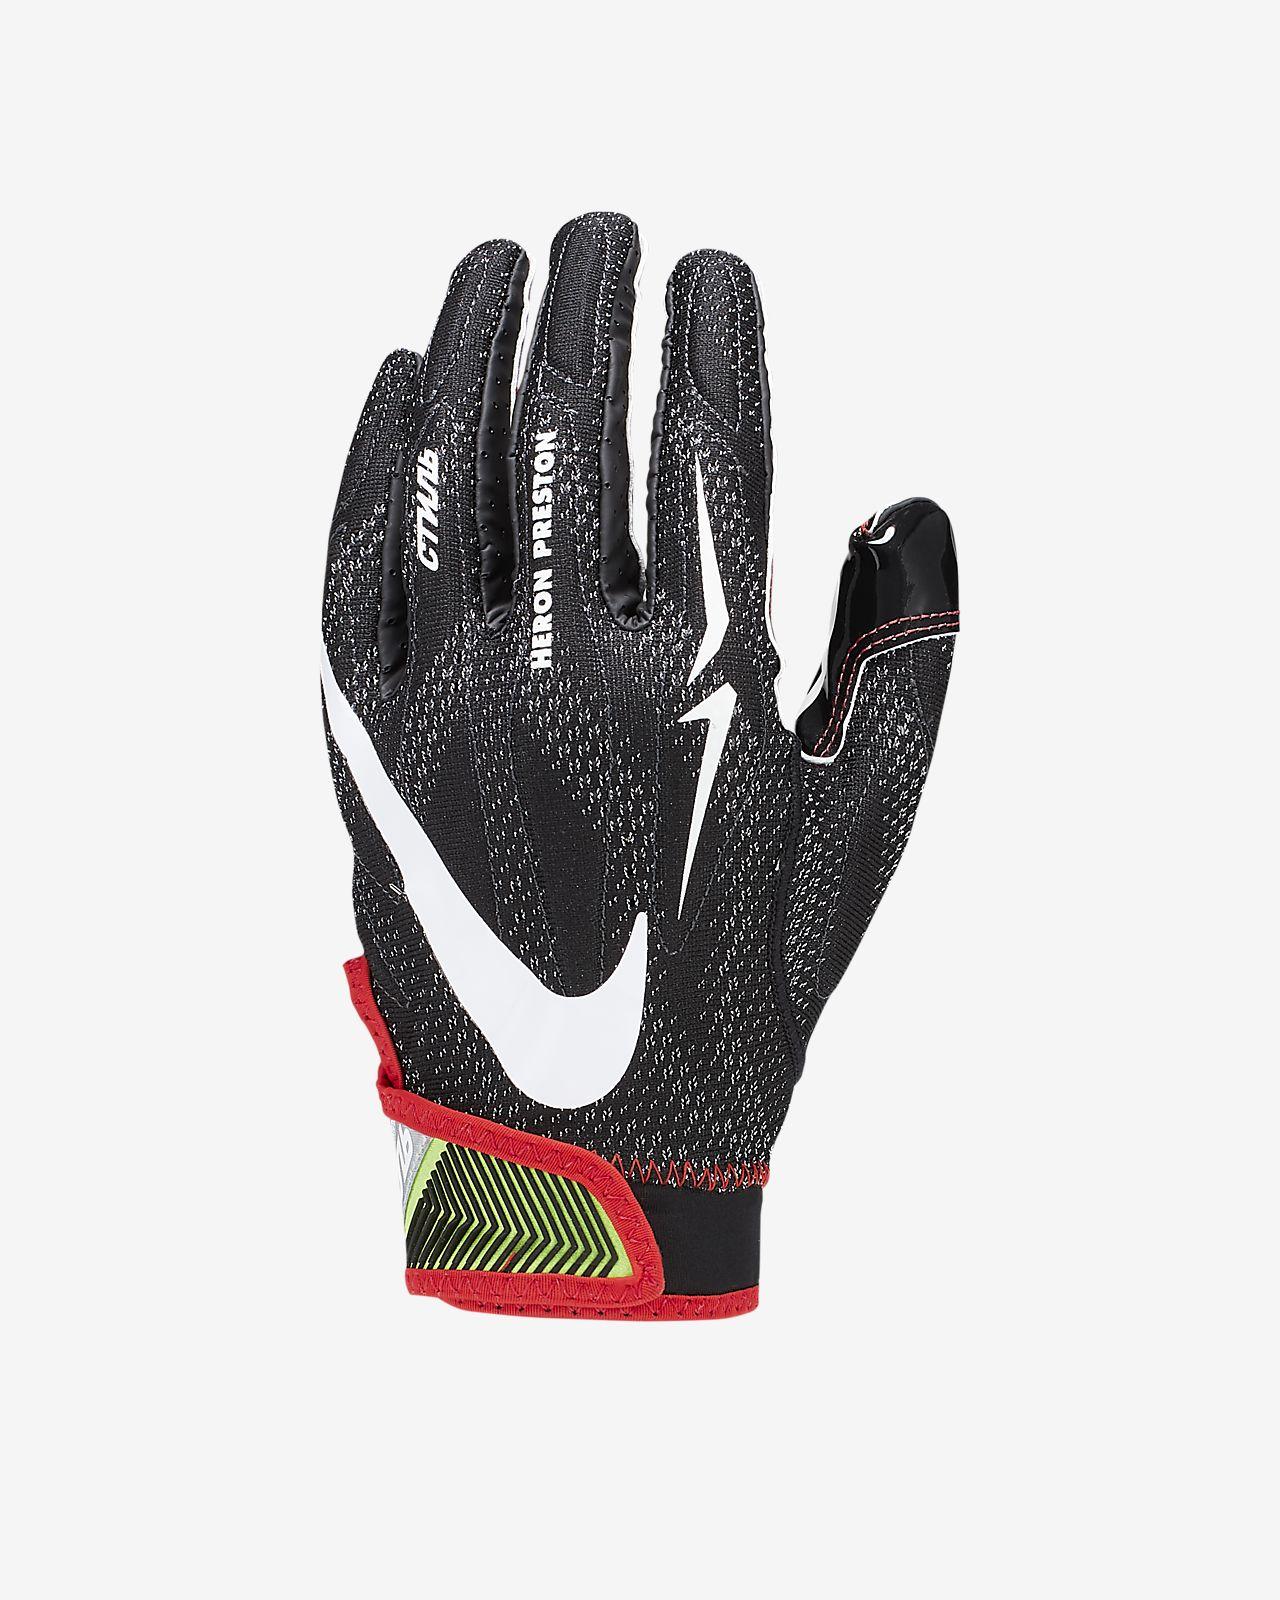 buy popular cb35d 6cbf4 Nike Superbad 4.5 x Heron Preston